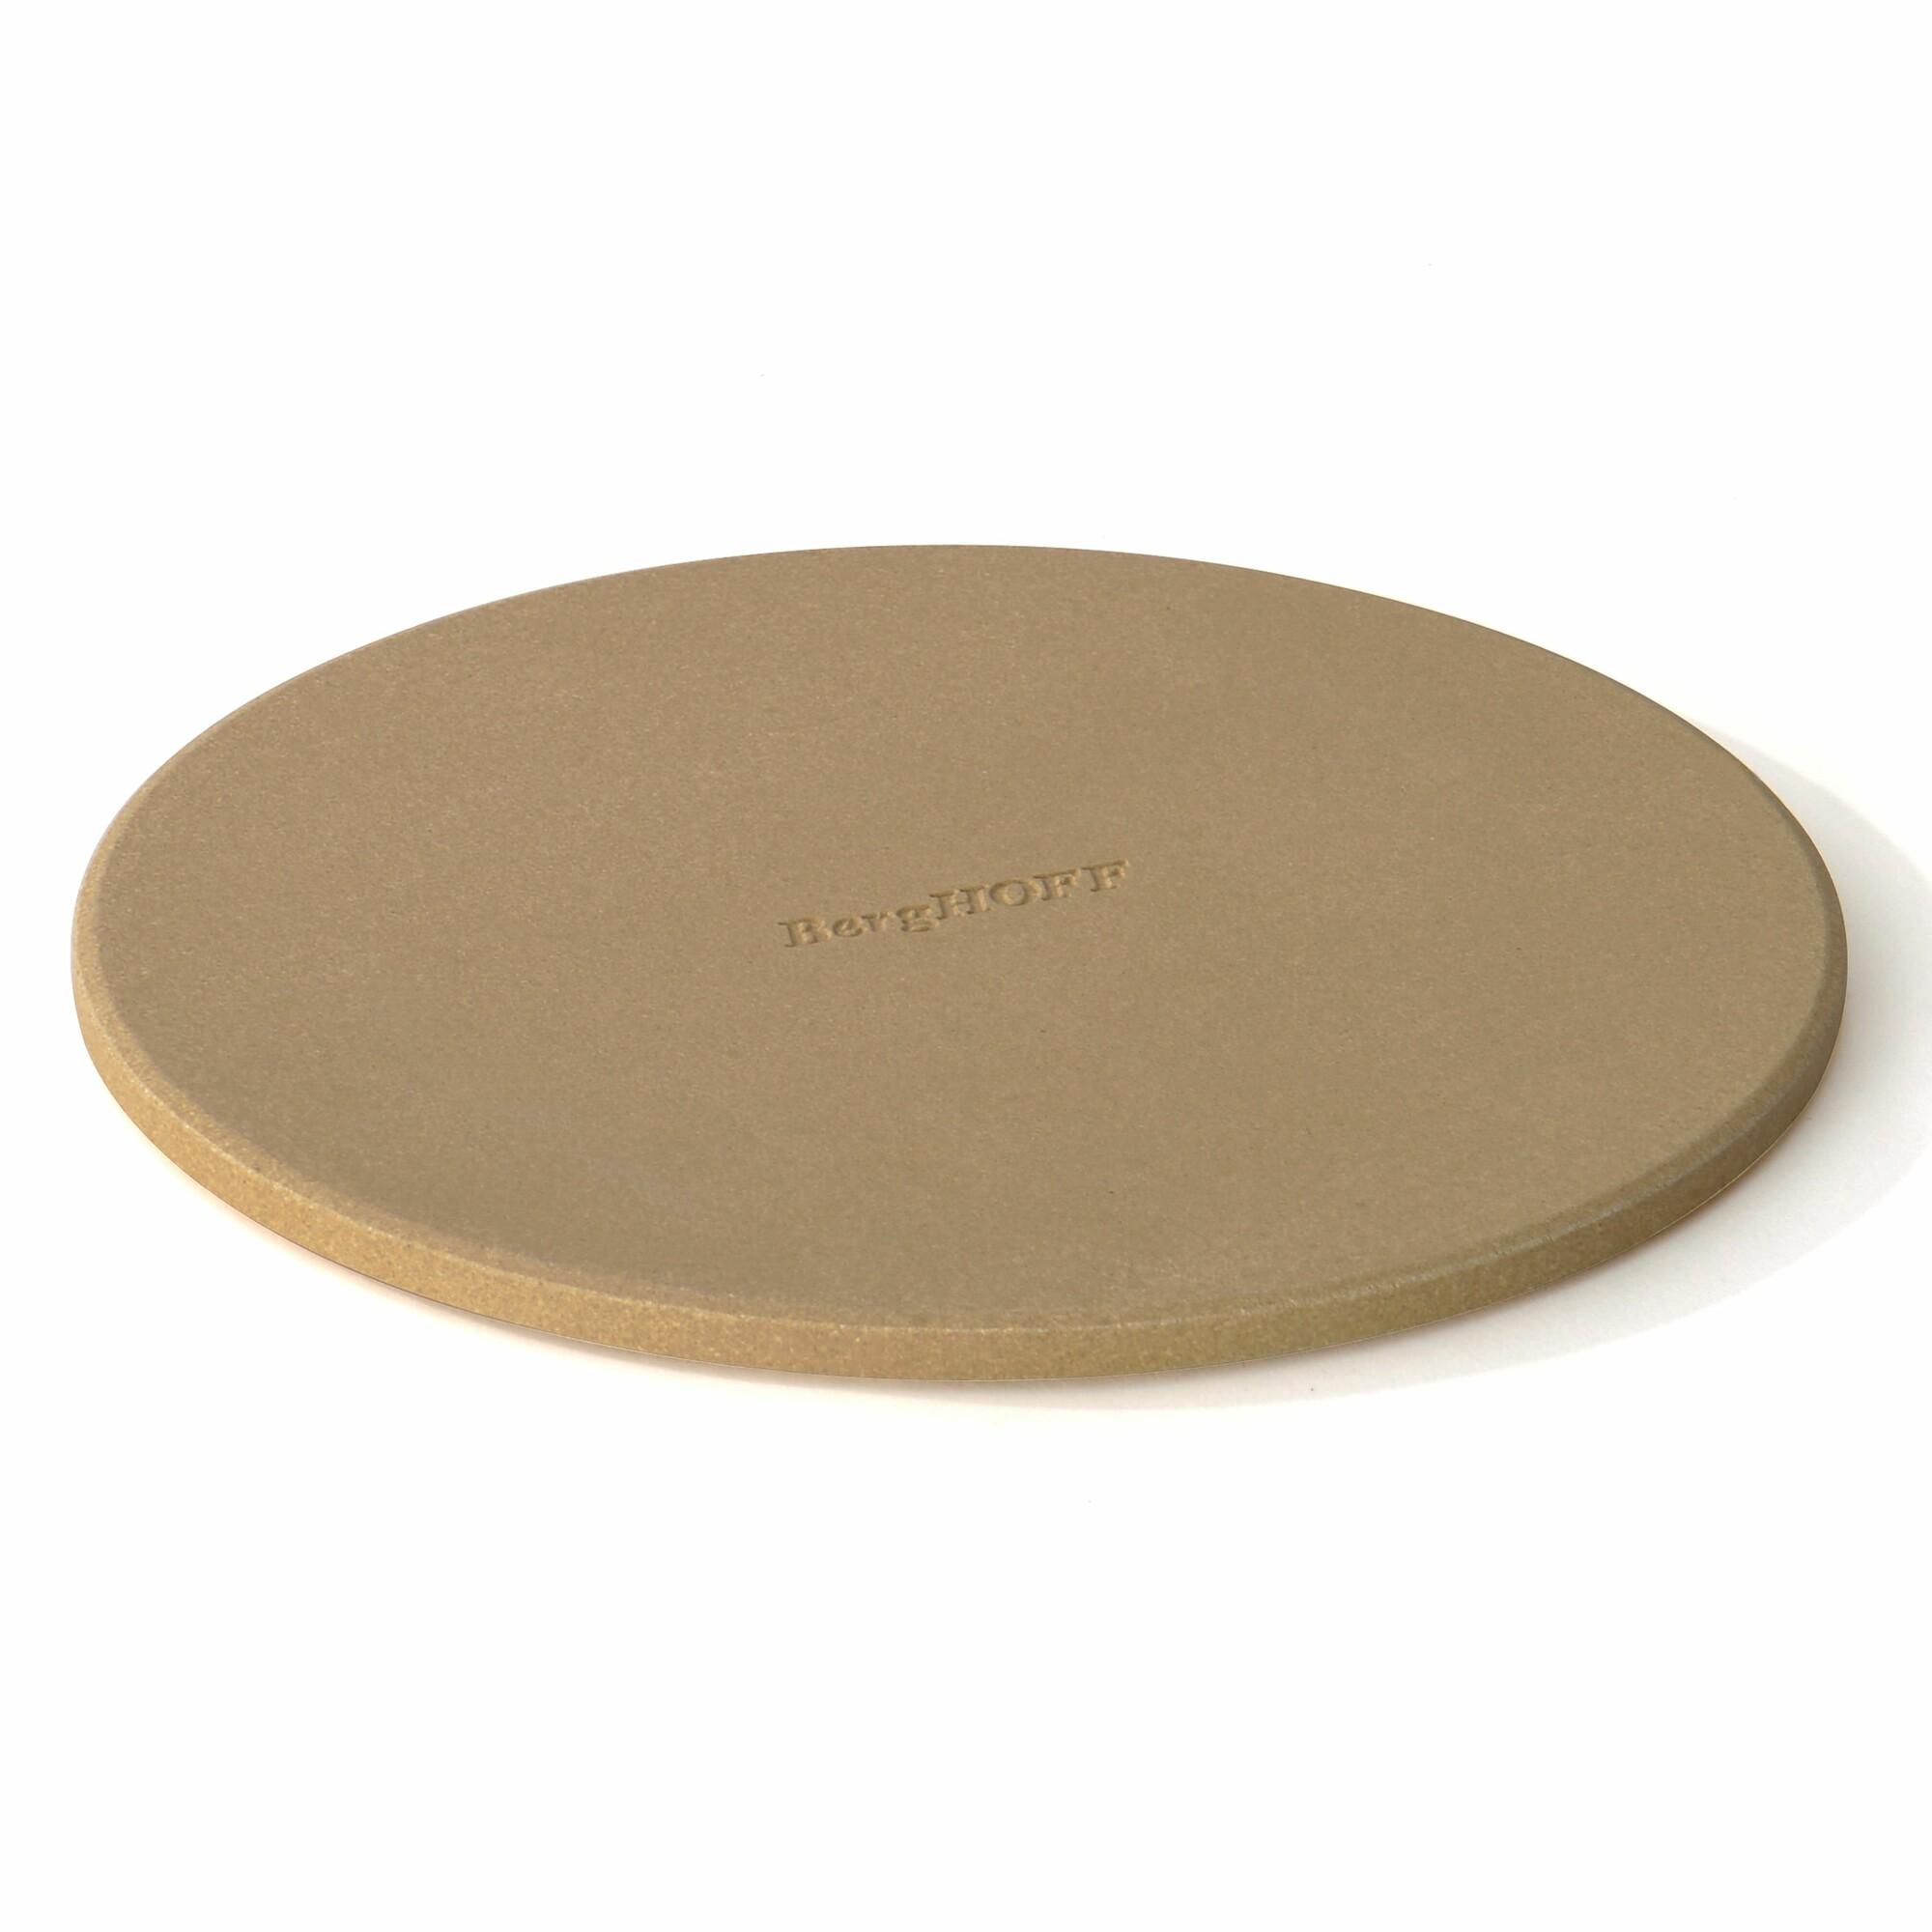 Pierre à pizza et à pain en céramique D23 cm